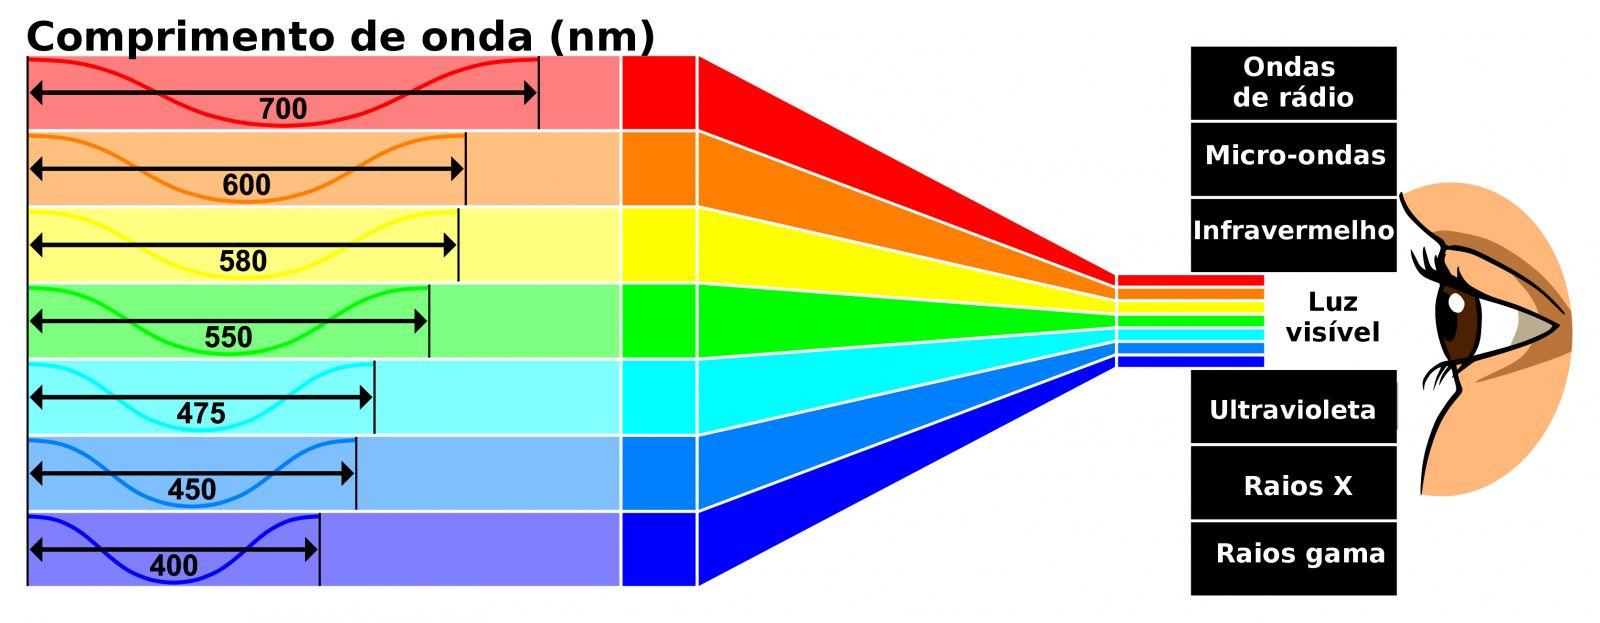 O infravermelho não é visível ao olho humano por ser uma onda de comprimento menor que a luz vermelha